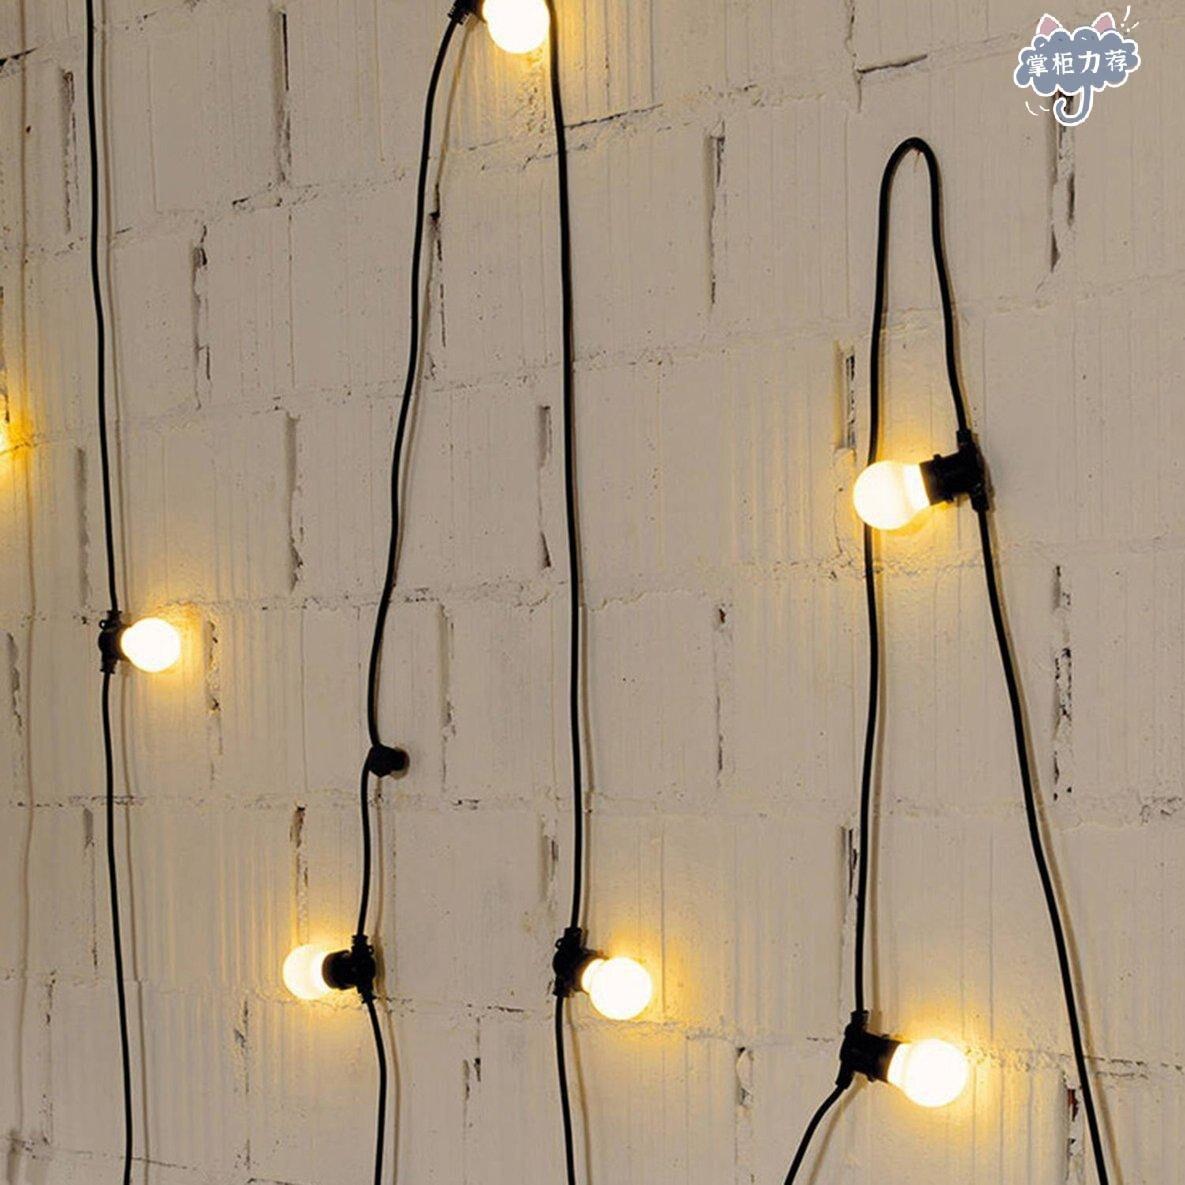 【全館免運】戶外婚禮派對用10米防水LED燈串